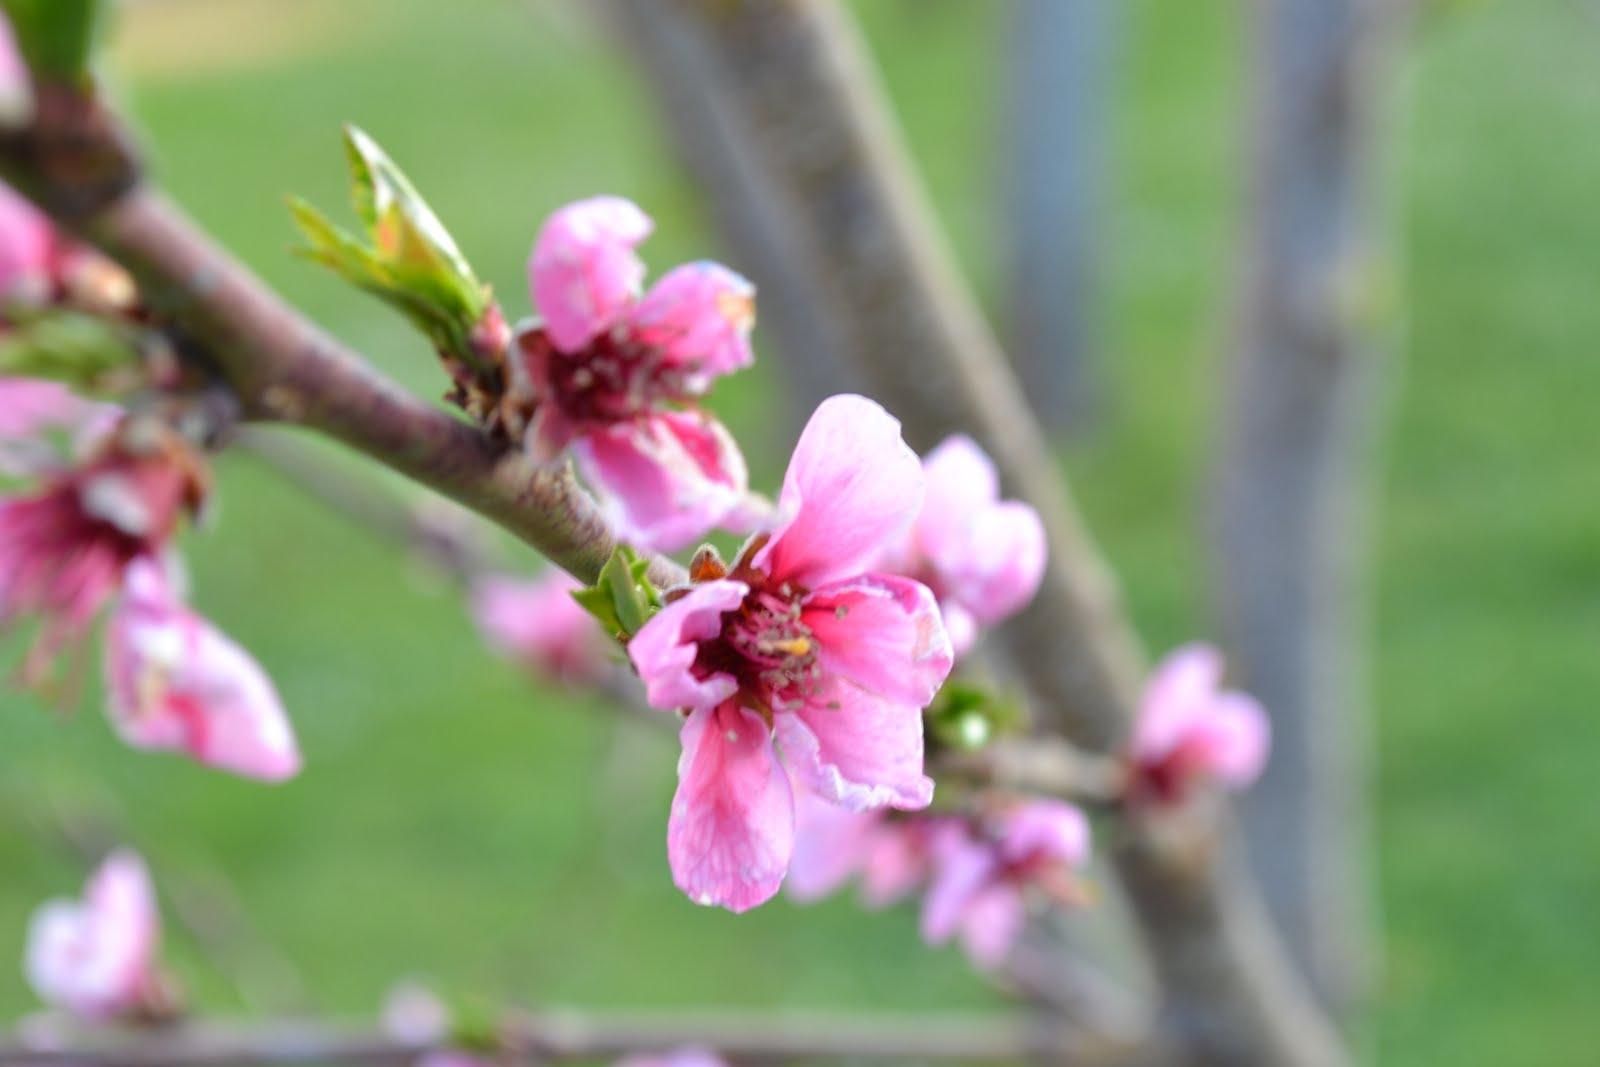 Rami Di Pesco Finti pistacchio e nocciola: fiori rosafiori di pesco